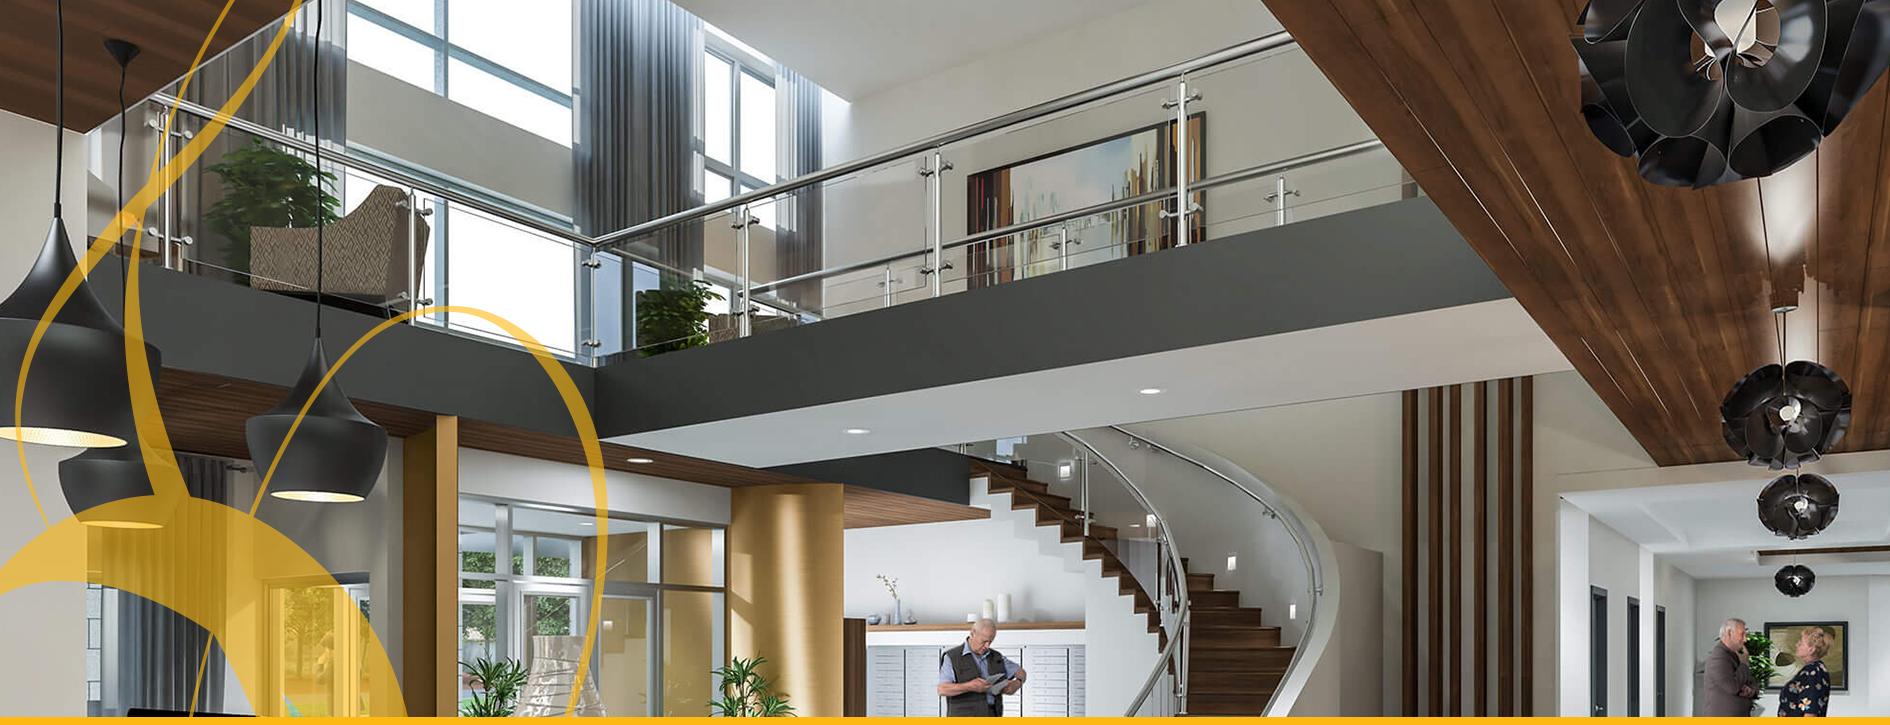 l 39 or e du faubourg 450 435 4555 boisbriand l 39 cho de laval. Black Bedroom Furniture Sets. Home Design Ideas